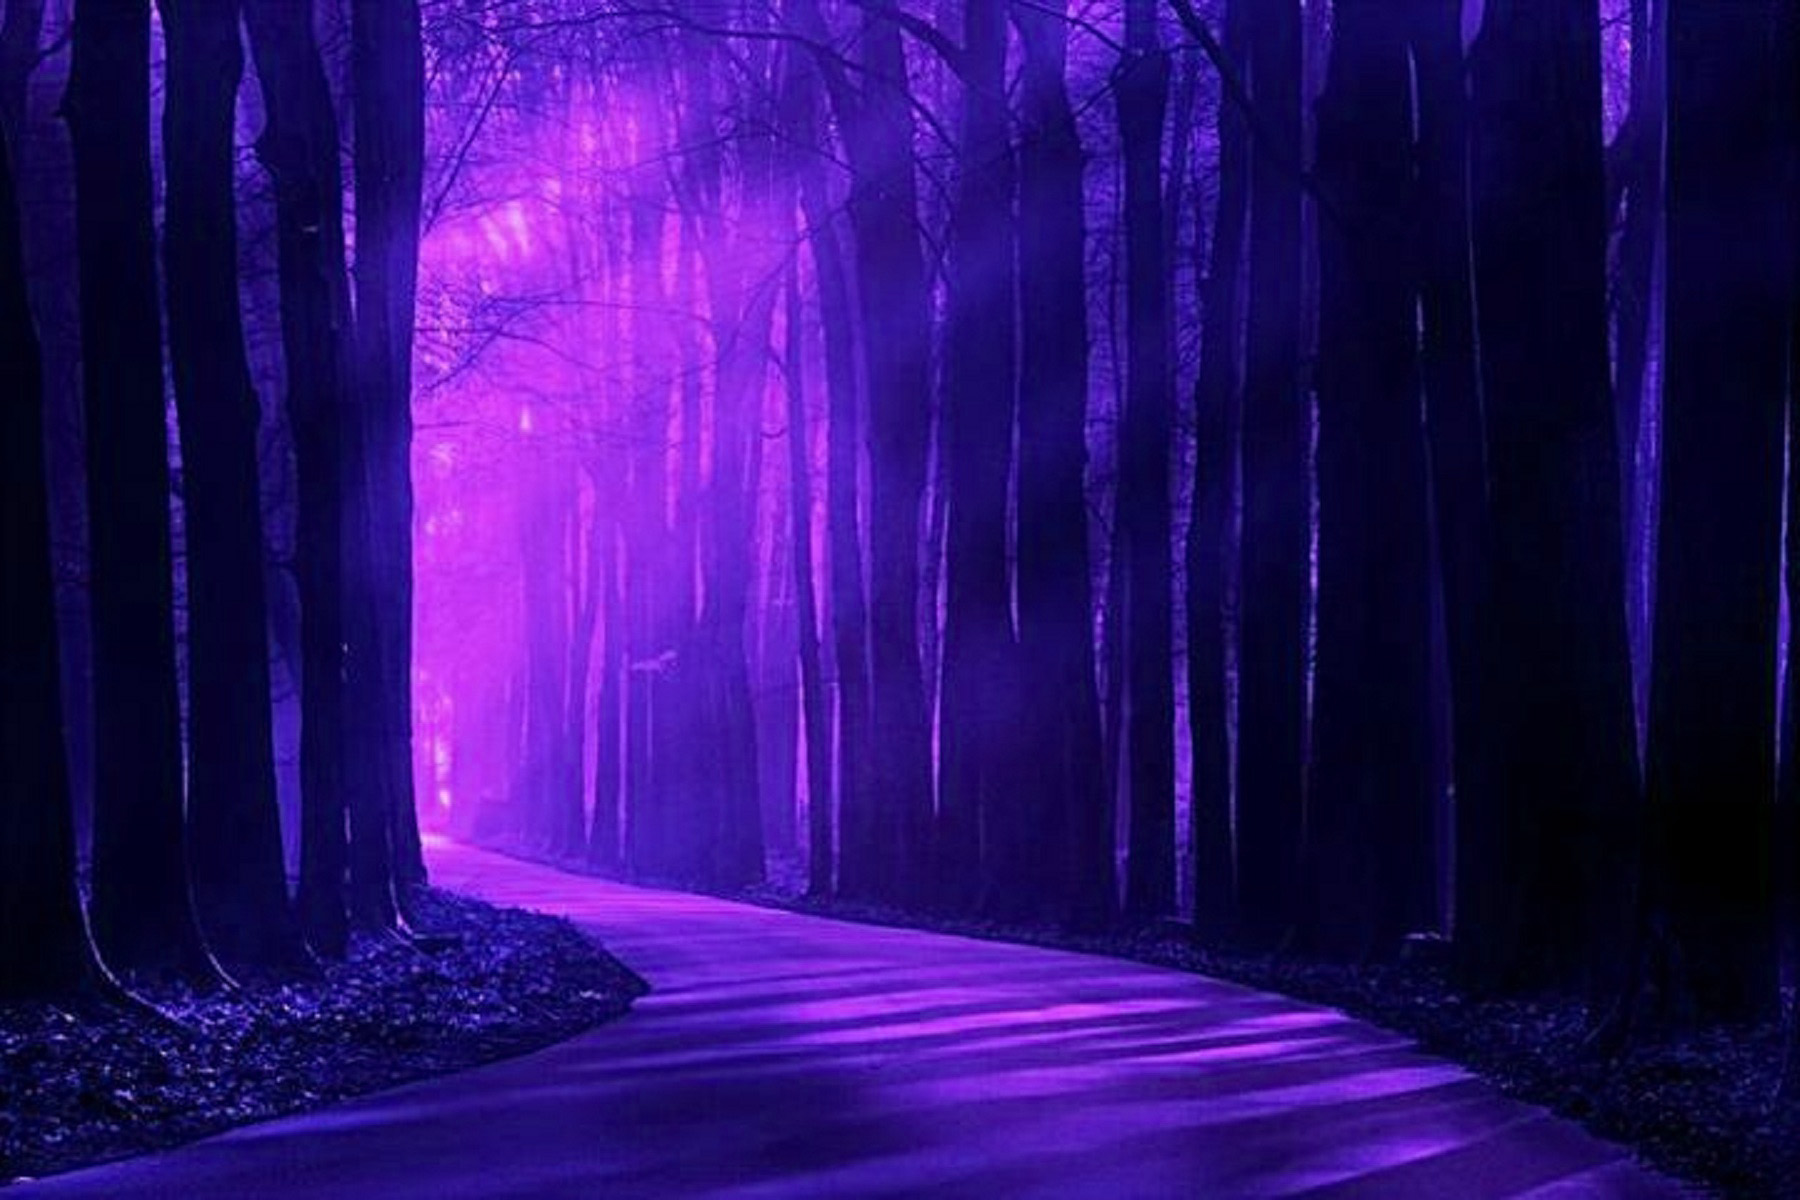 Purple Scenery Free Wallpaper Wallpapersafari